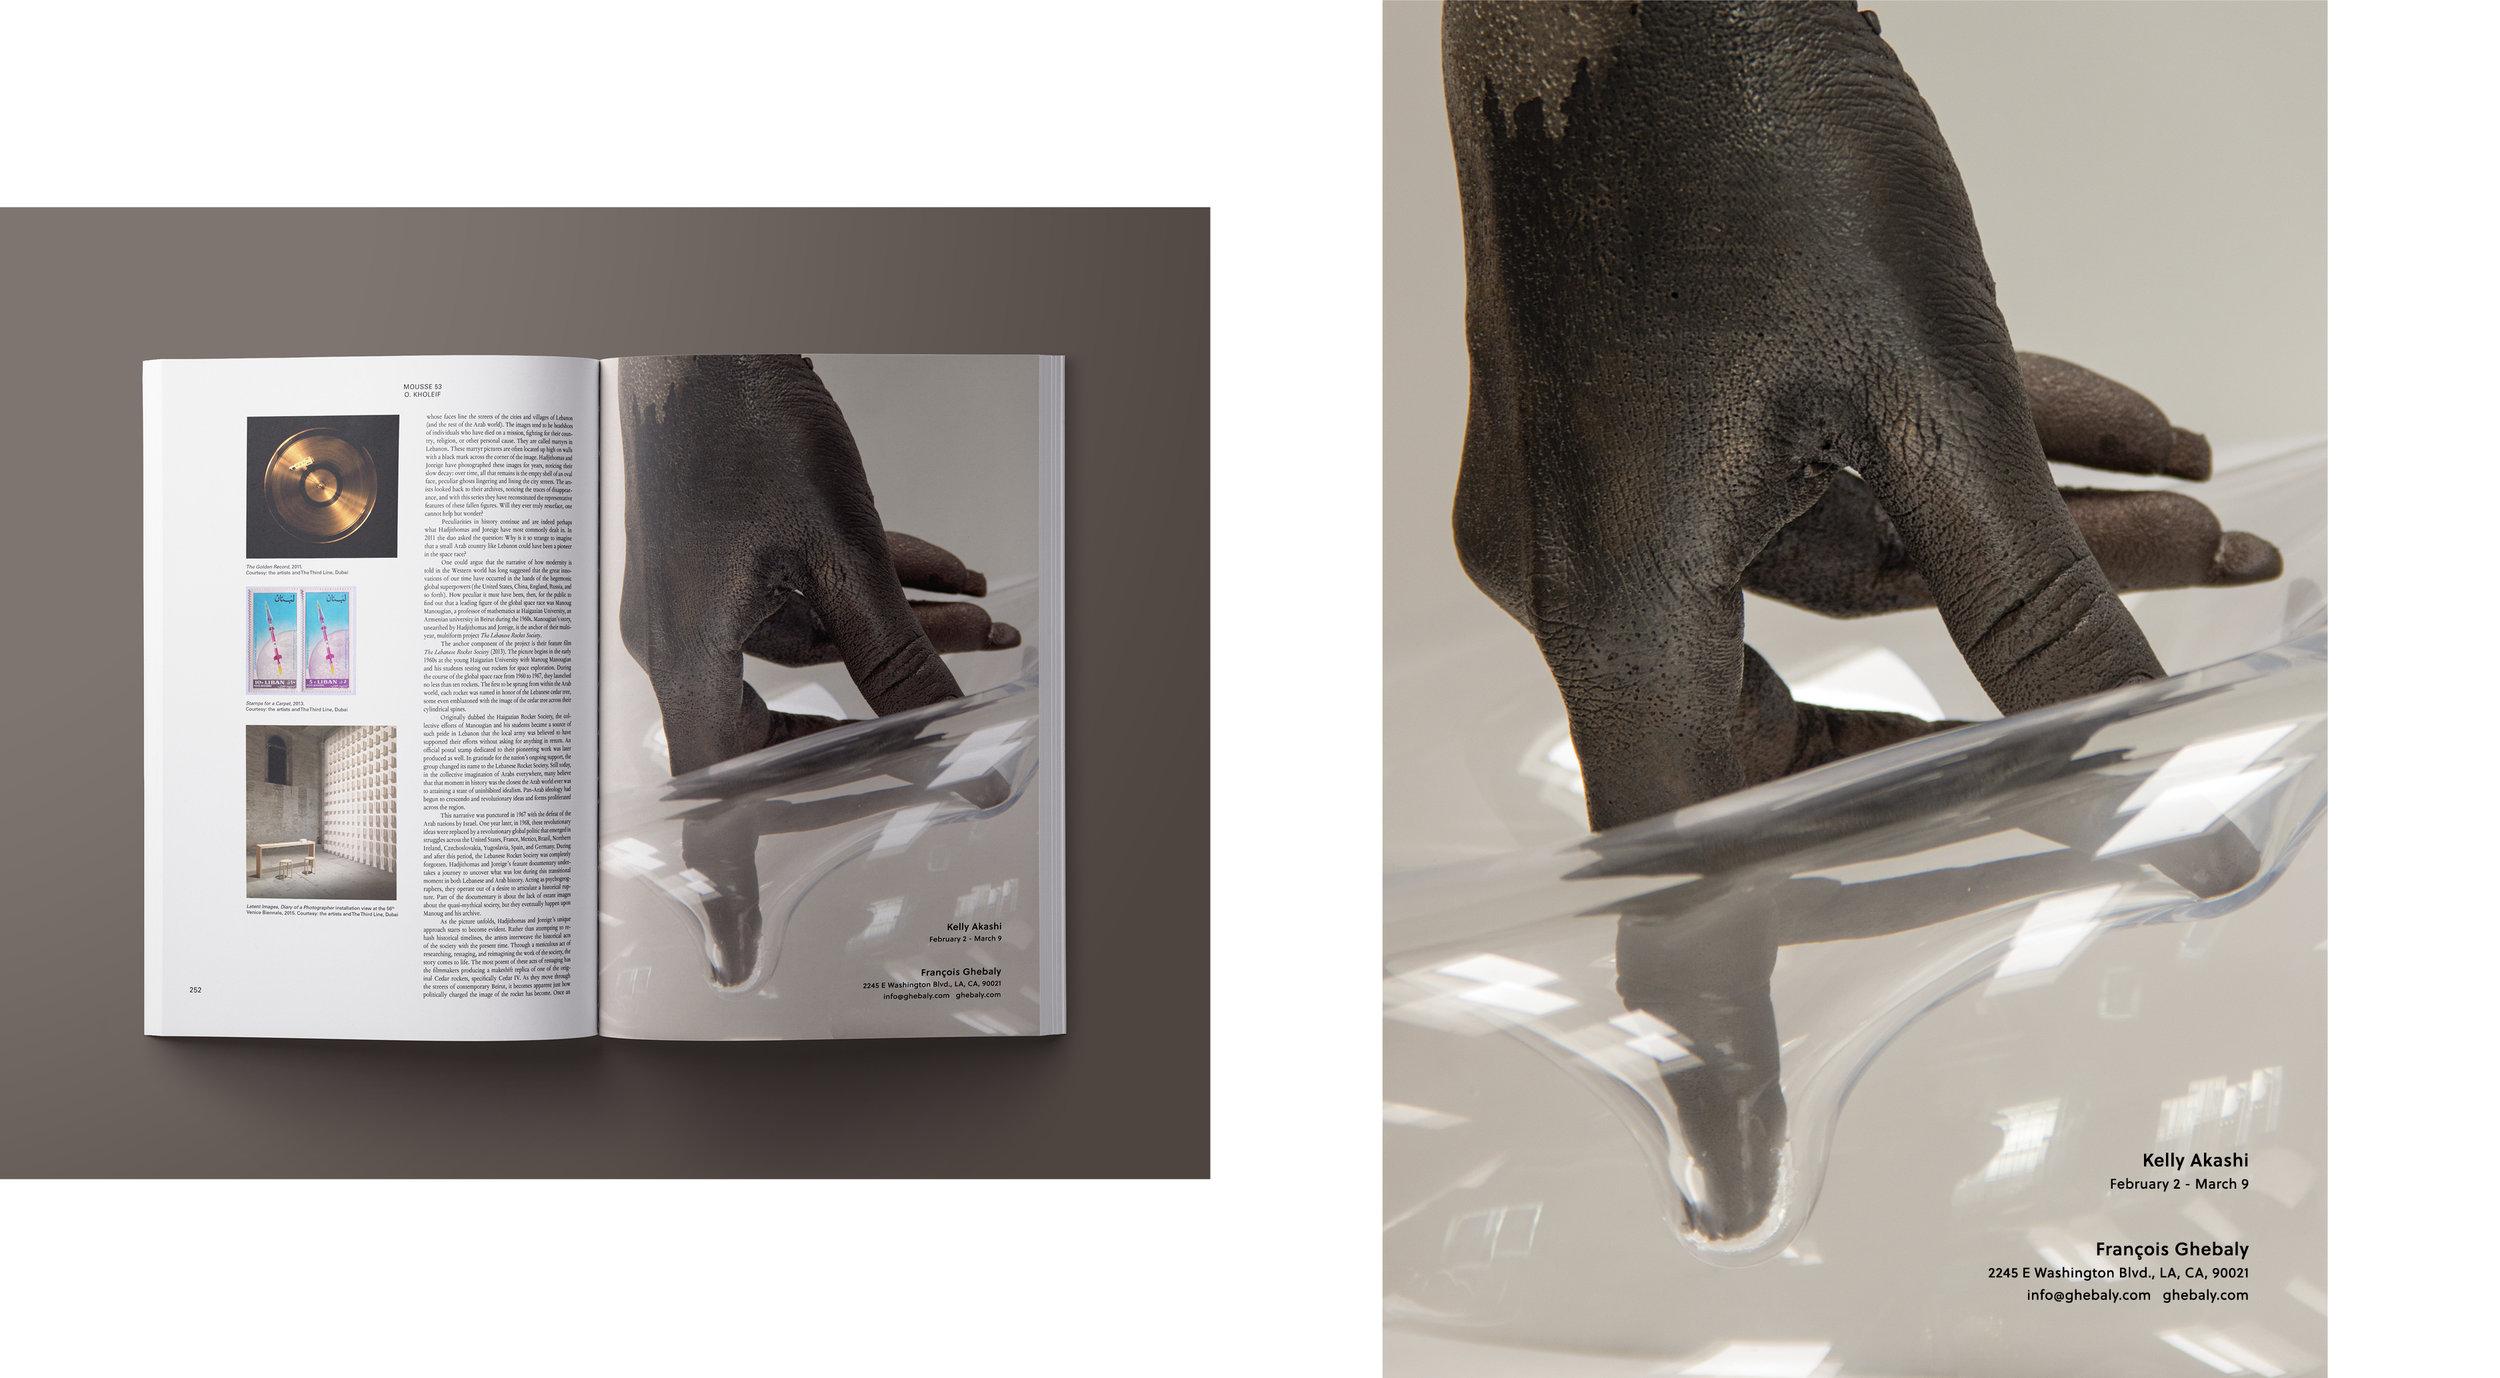 Francois-Ghebaly-Kelly-Akashi-Ad.jpg